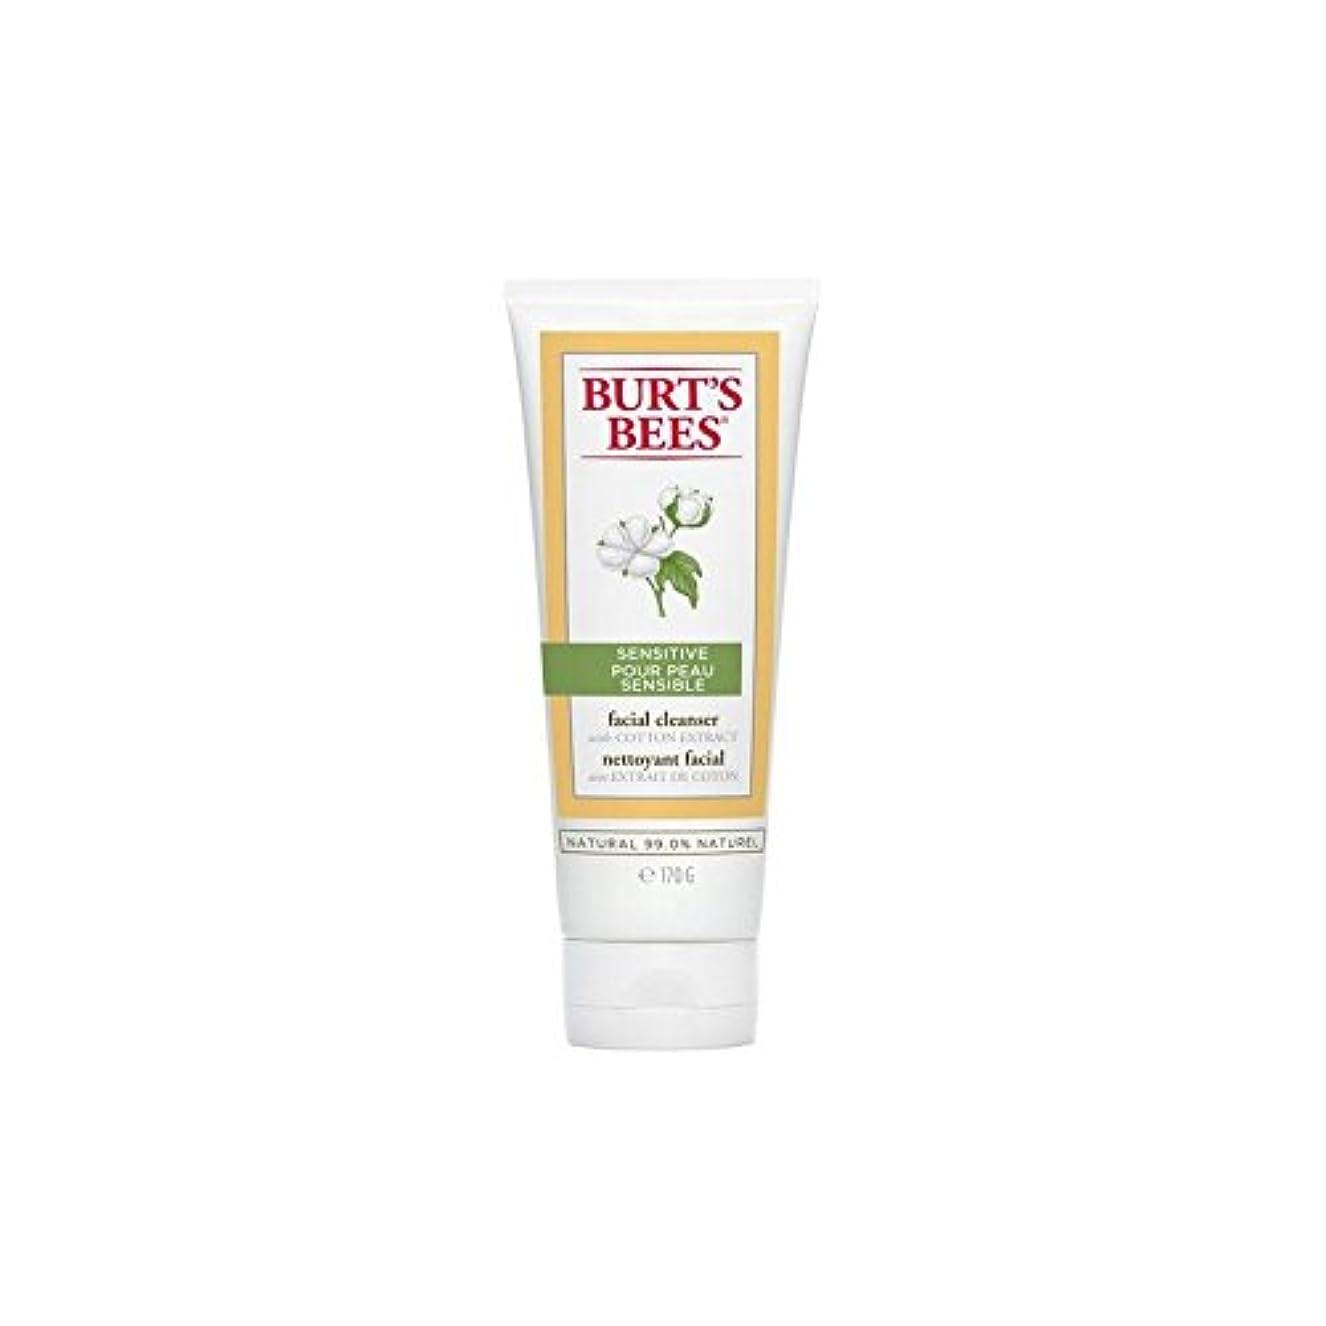 親密な半円ブッシュBurt's Bees Sensitive Facial Cleanser 170G - バーツビー敏感な洗顔料の170グラム [並行輸入品]